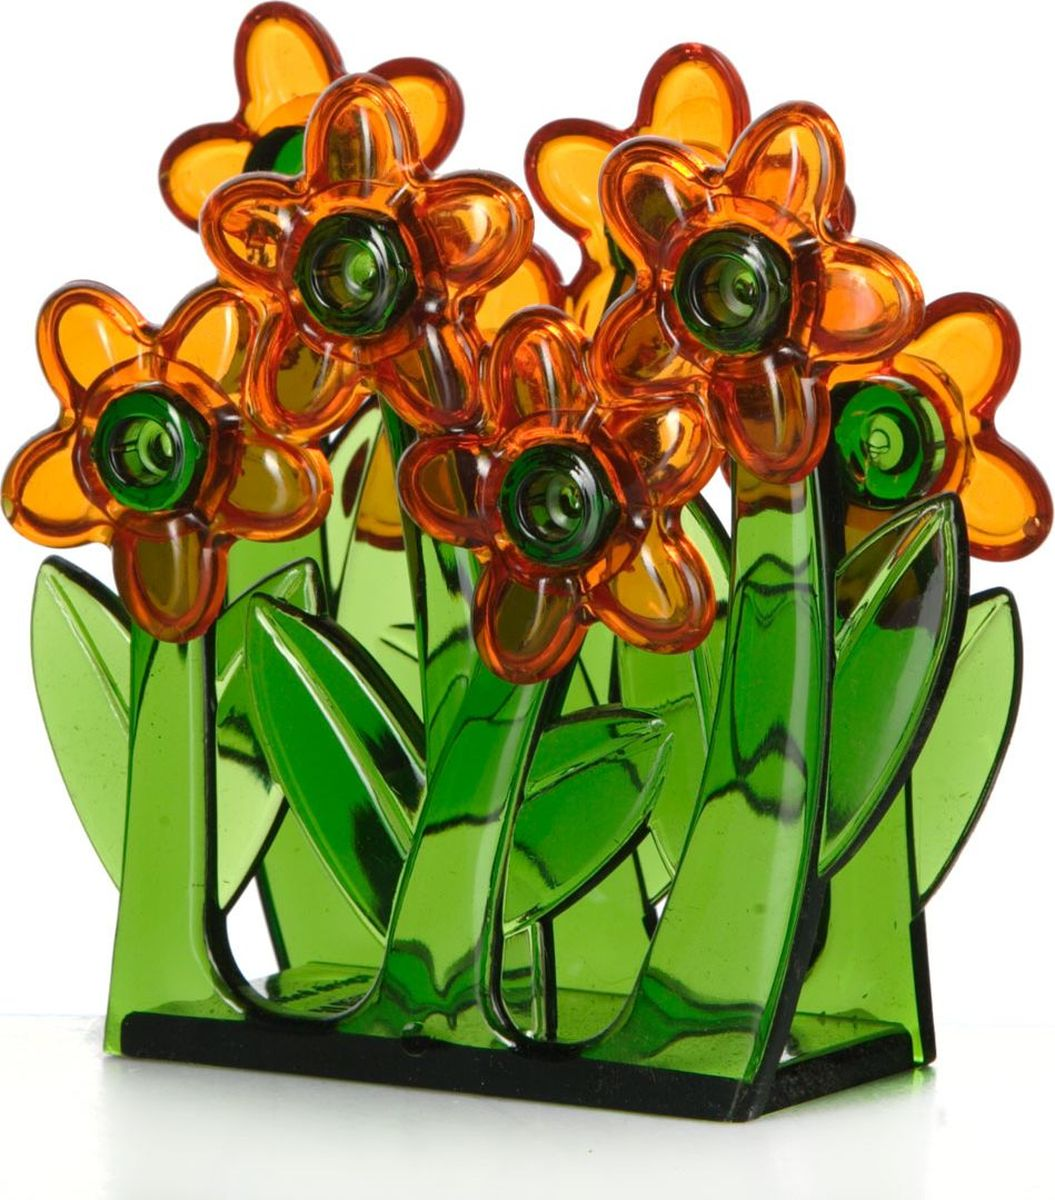 Салфетница Herevin. 161210-000161210-000Салфетница Herevin зелёного цвета с оранжевыми цветами изготовлена из высококачественного прочного пластика.